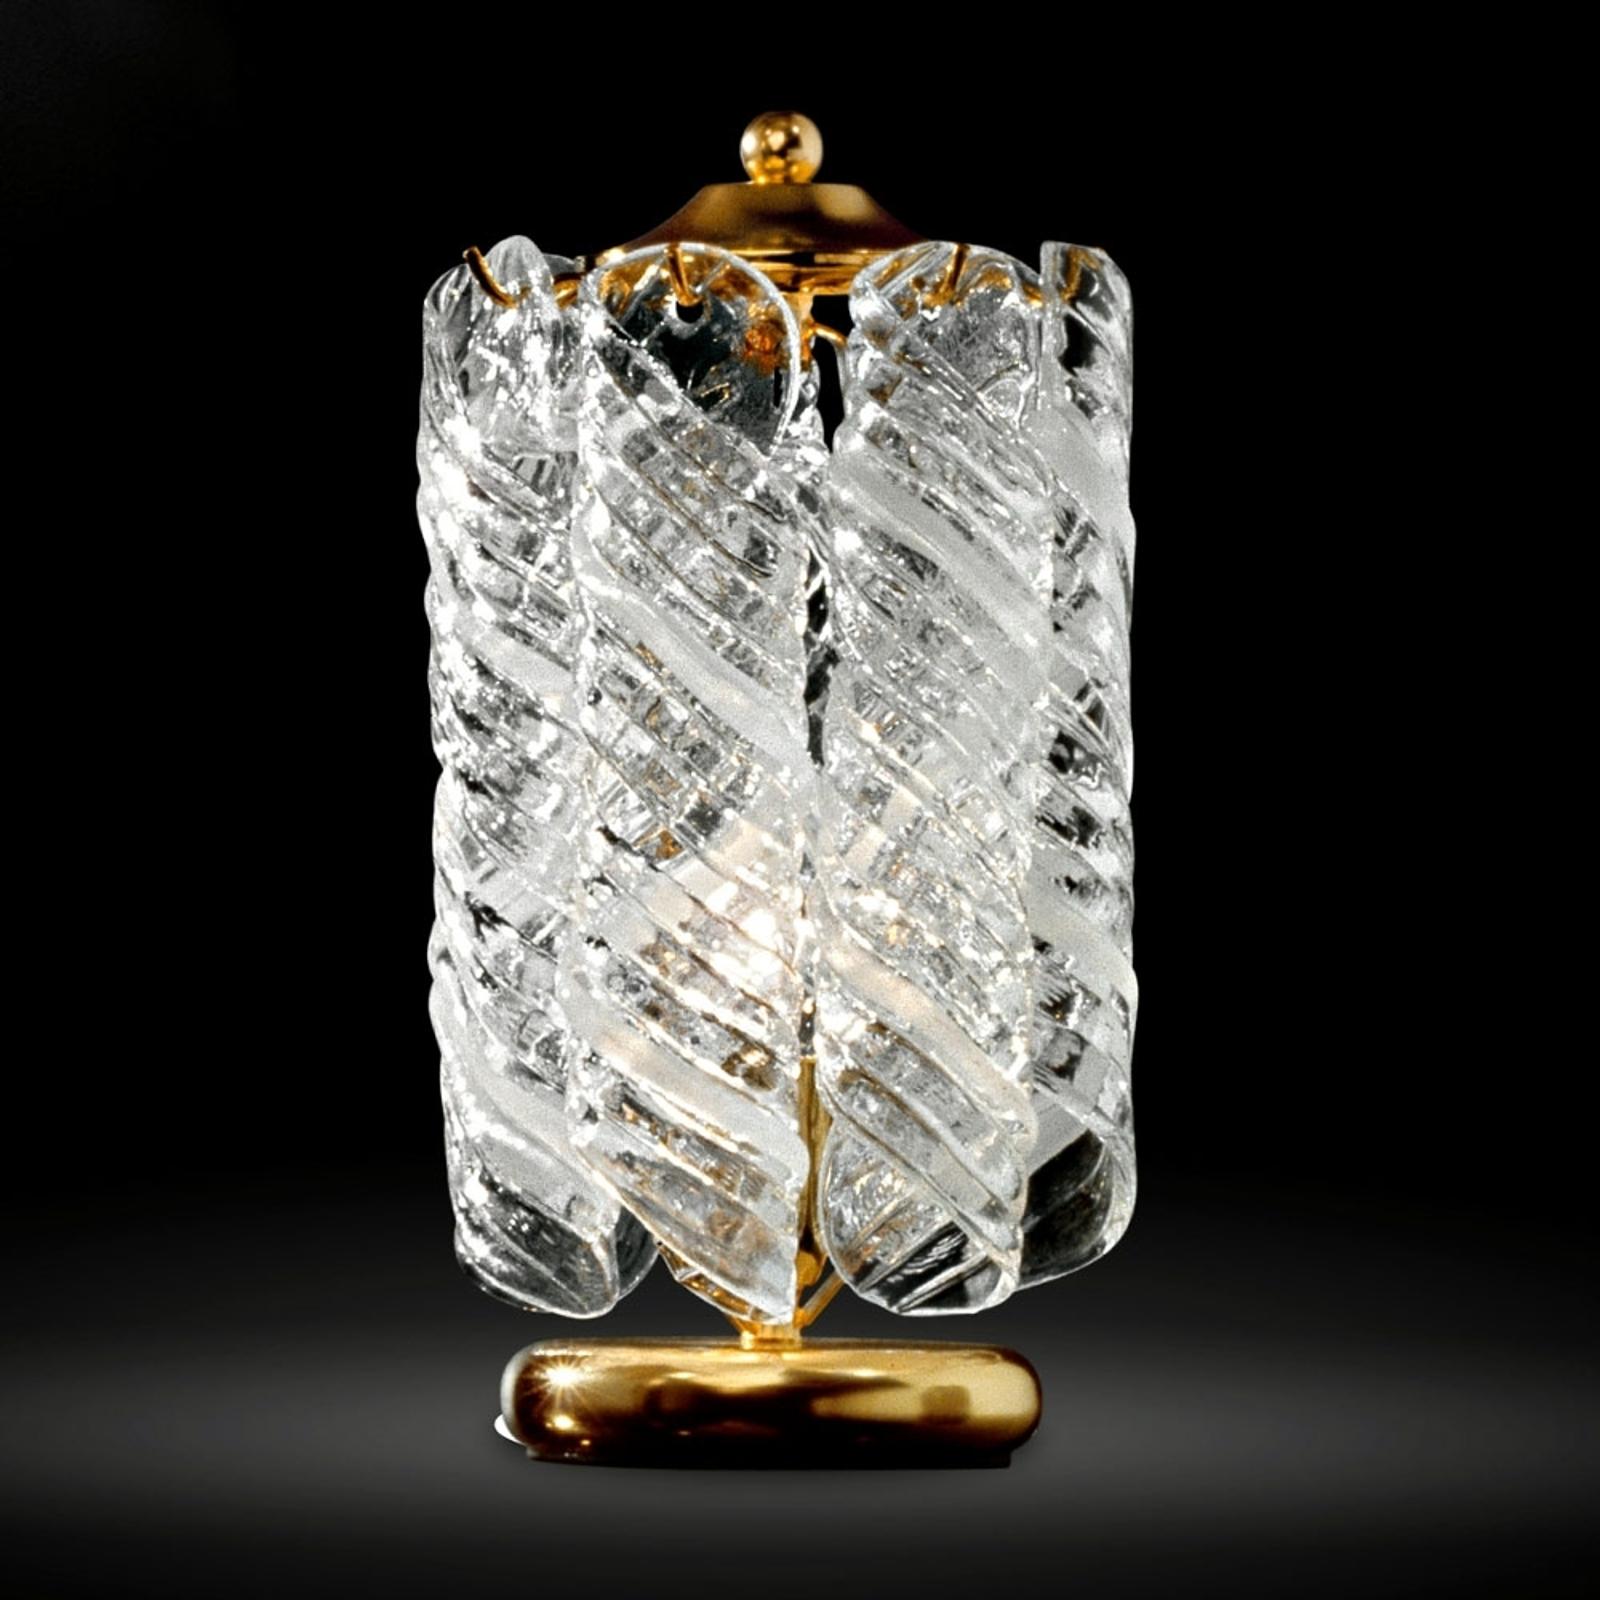 Yöpöytälamppu Molle – 24 karaatin kultaus